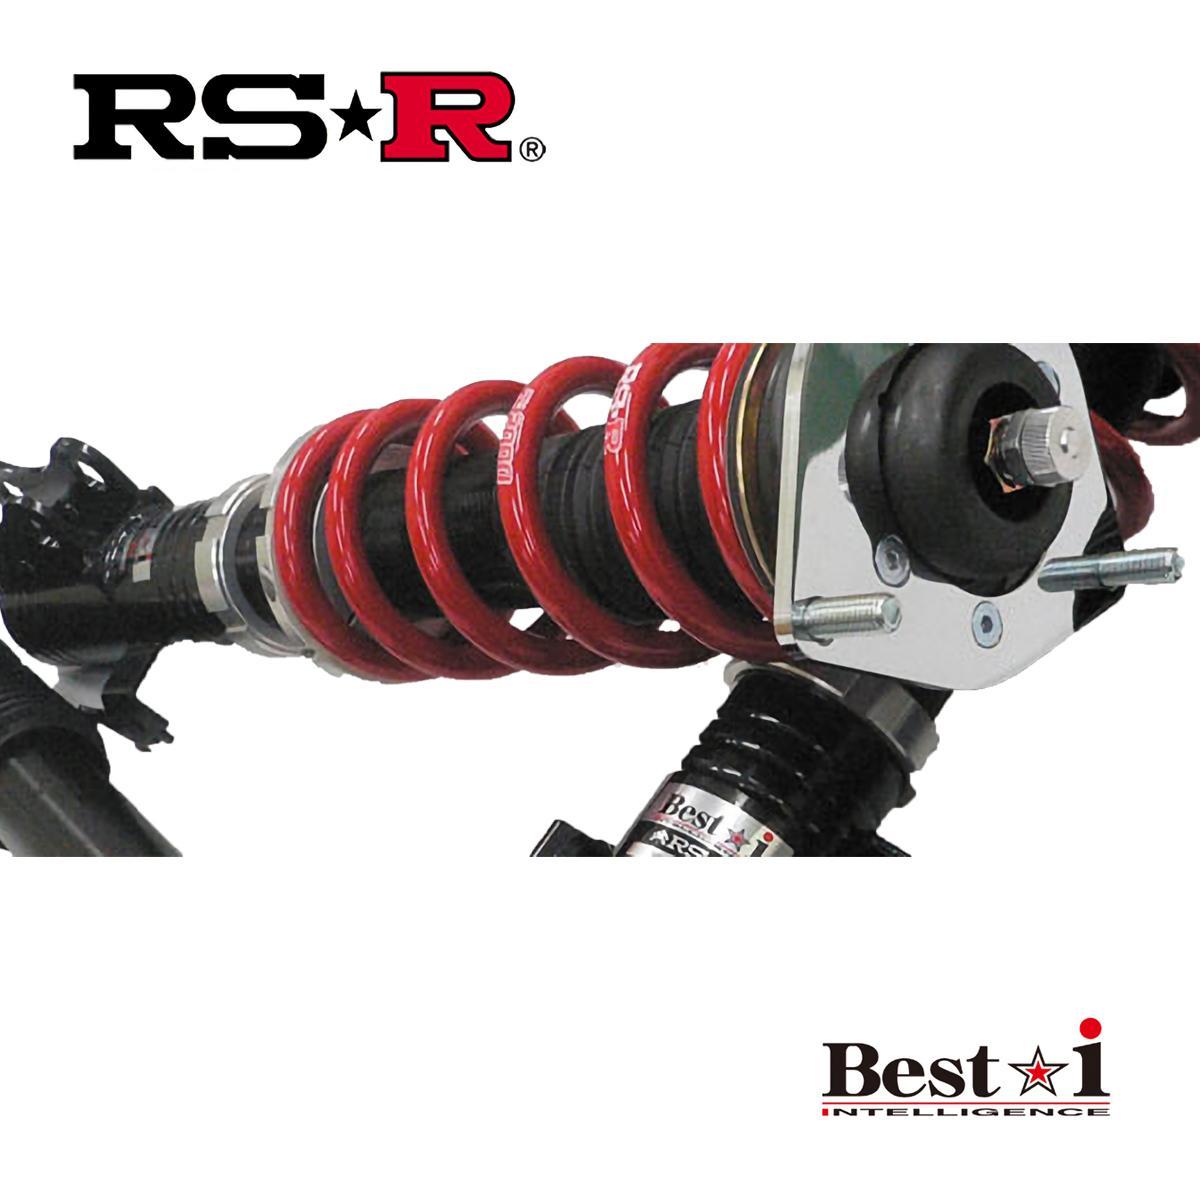 RS-R ランサー GSRエボリューションVIII MR CT9A 車高調 リア車高調整:全長式/ハード仕様コード SPIB059H ベストi RSR 条件付き送料無料